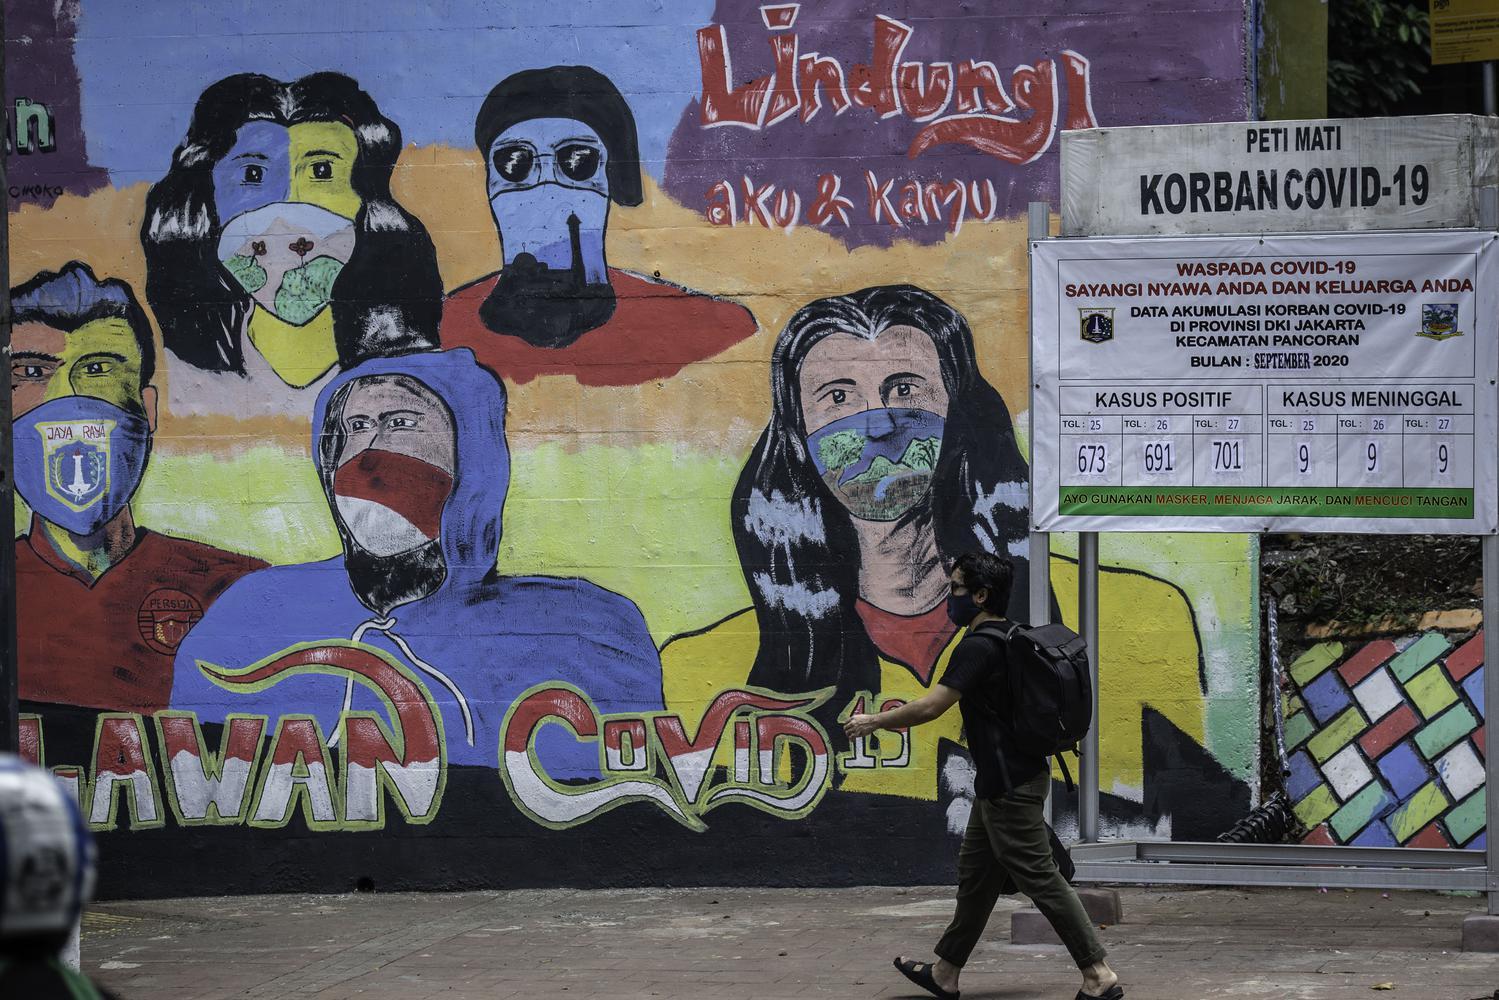 Warga berjalan di dekat mural berisi pesan ajakan menggunakan masker dan replika peti mati COVID-19 di Cikoko, Pancoran, Jakarta, Jumat (2/10/2020). Mural tersebut dibuat untuk mengingatkan masyarakat agar menerapkan protokol kesehatan saat beraktivitas karena masih tingginya angka kasus COVID-19 secara nasional.